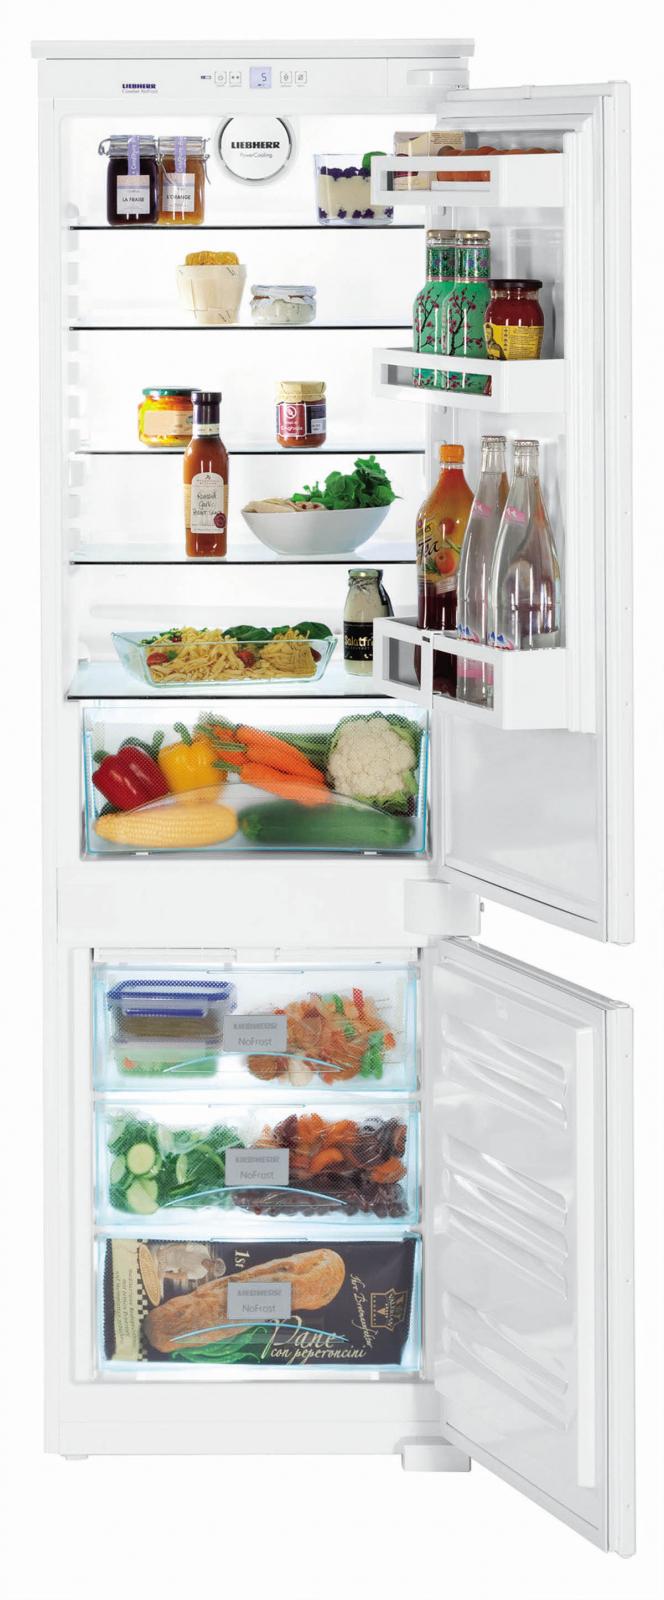 купить Встраиваемый двухкамерный холодильник Liebherr ICUNS 3314 Украина фото 0